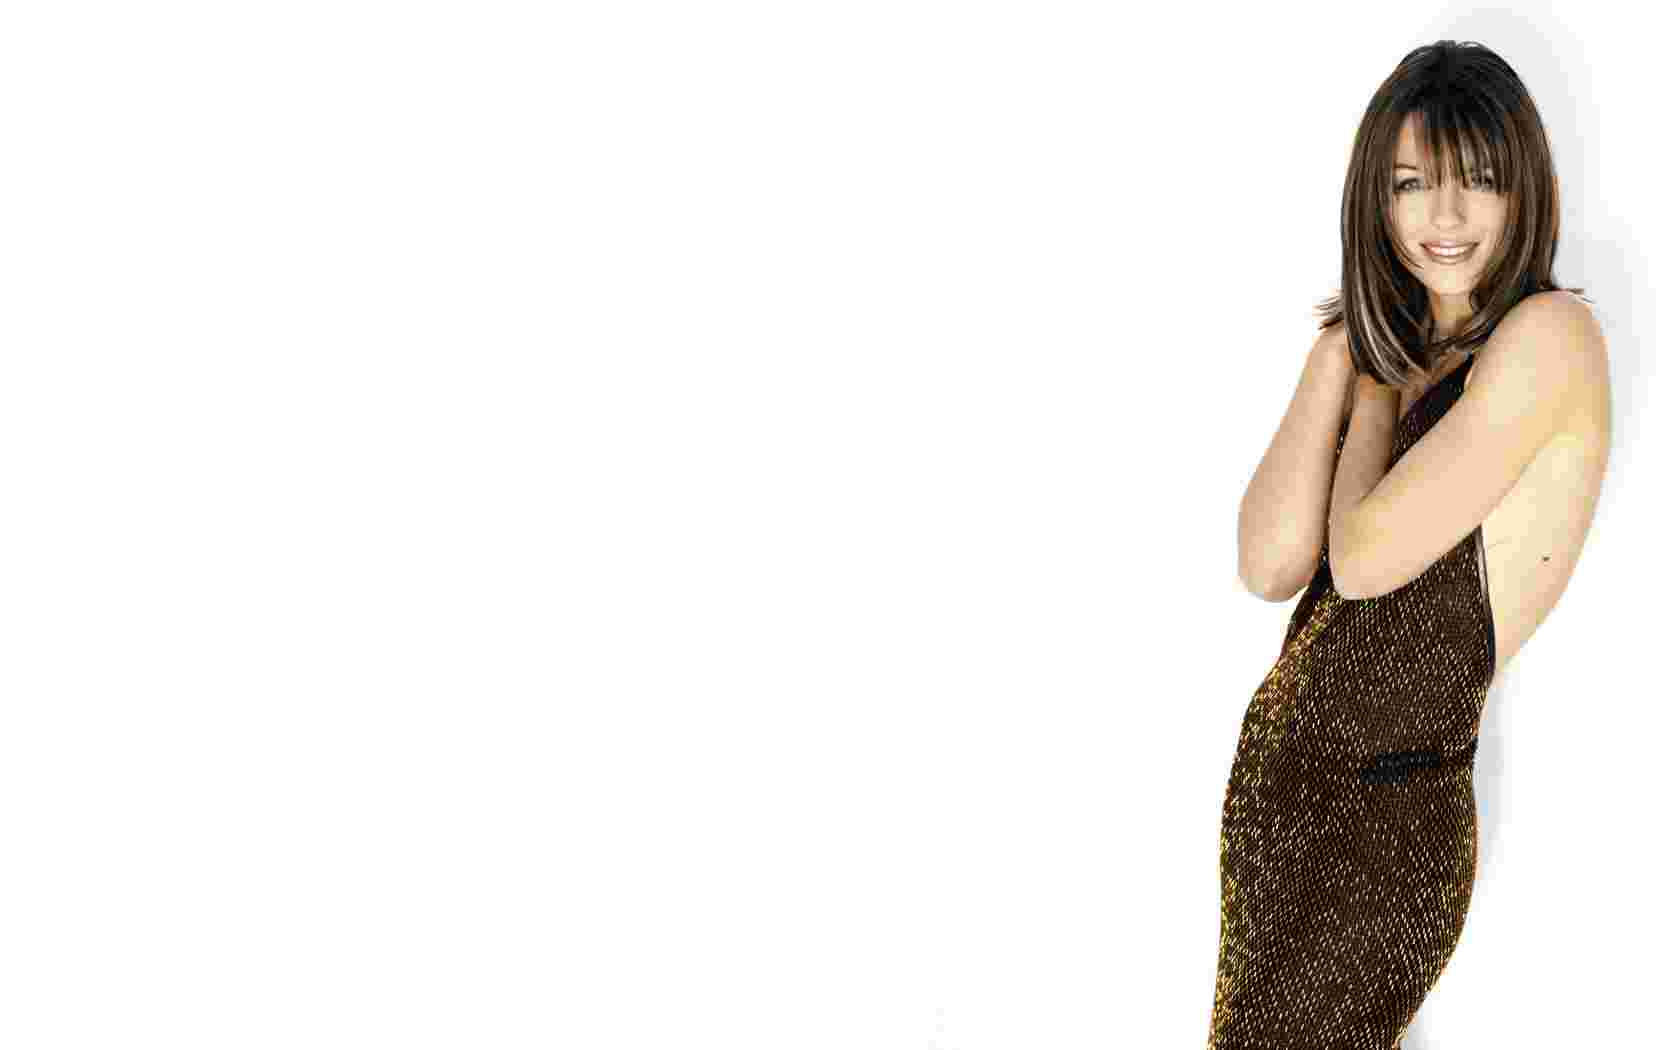 Elizabeth Hurley 018 wallpaper   Elizabeth Hurley 1680x1050